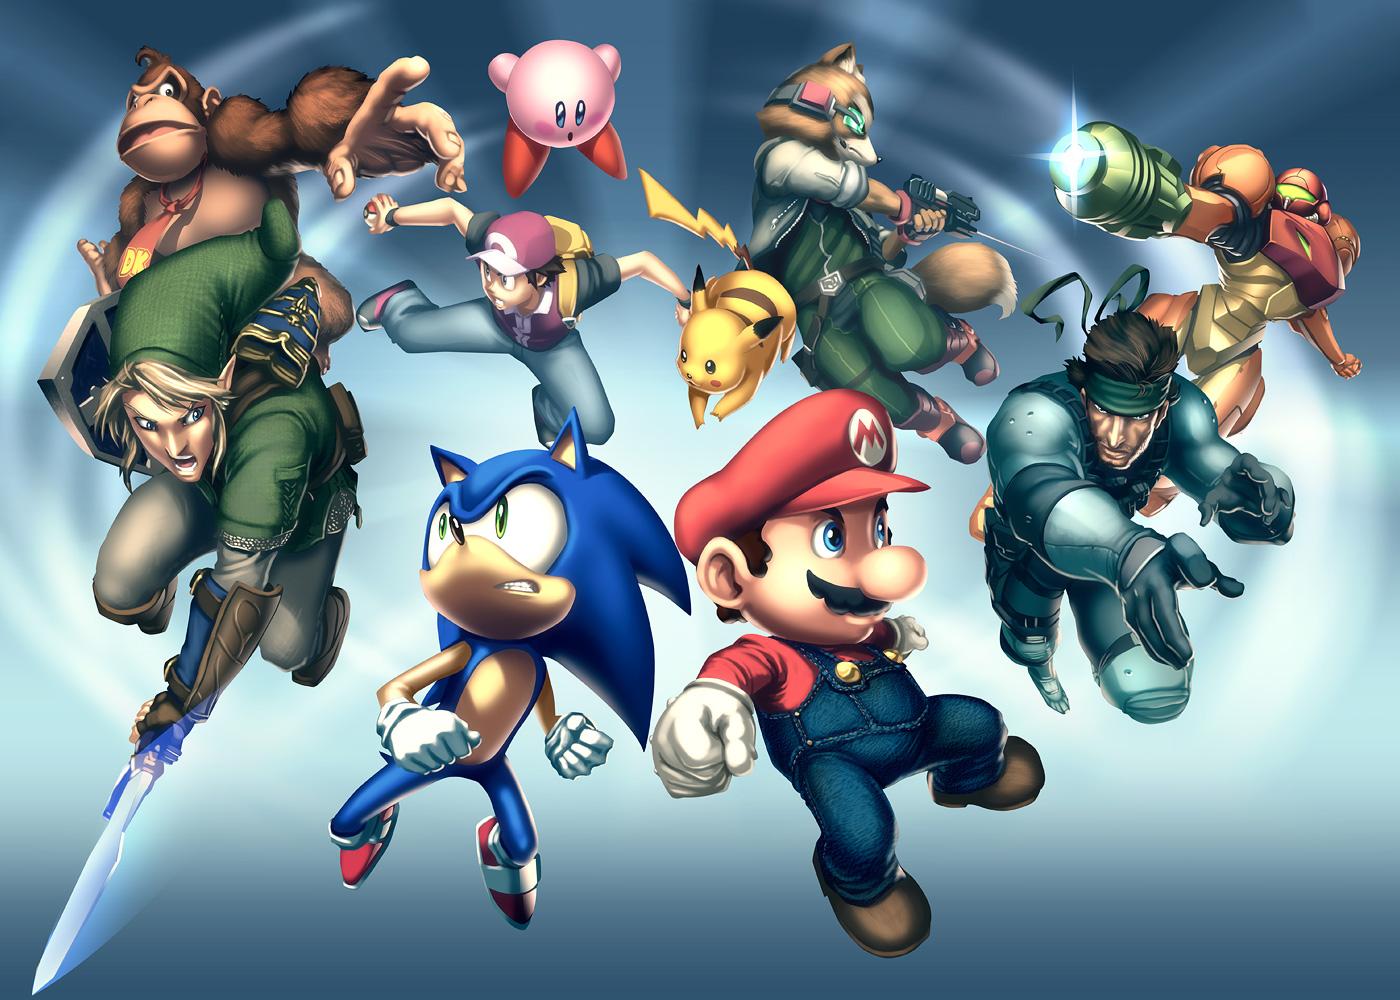 Super Smash Bros Melee Wallpaper  WallpaperSafari